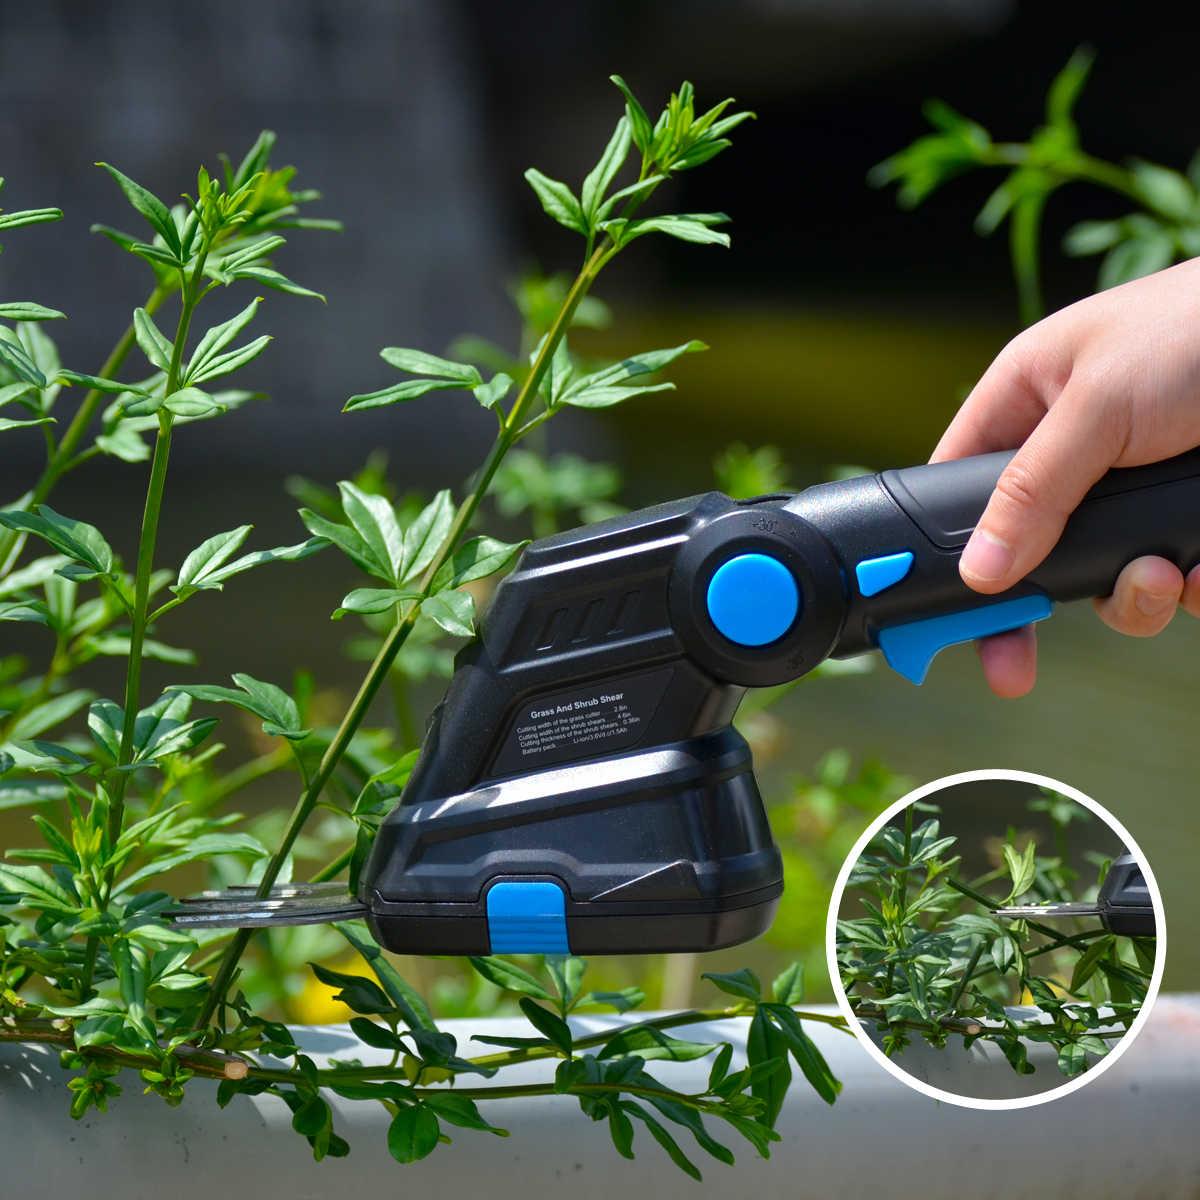 Prostormer électrique sans fil tondeuse domestique taille-haie 2 en 1 démontage 3.6V Rechargeable sarclage cisaille élagage tondeuse